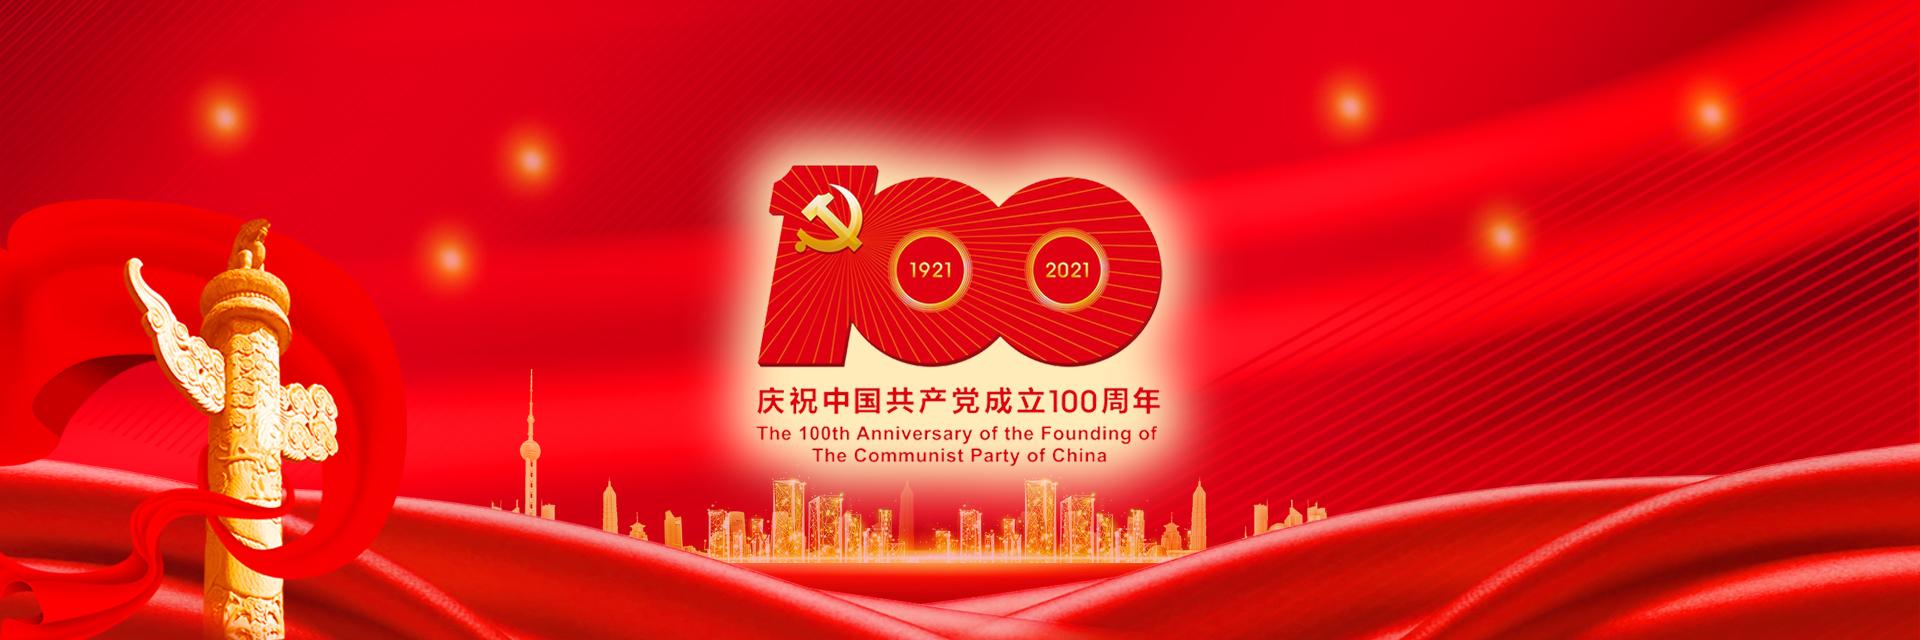 """金句來了!""""中國共產黨萬歲!中國人民萬歲!"""""""